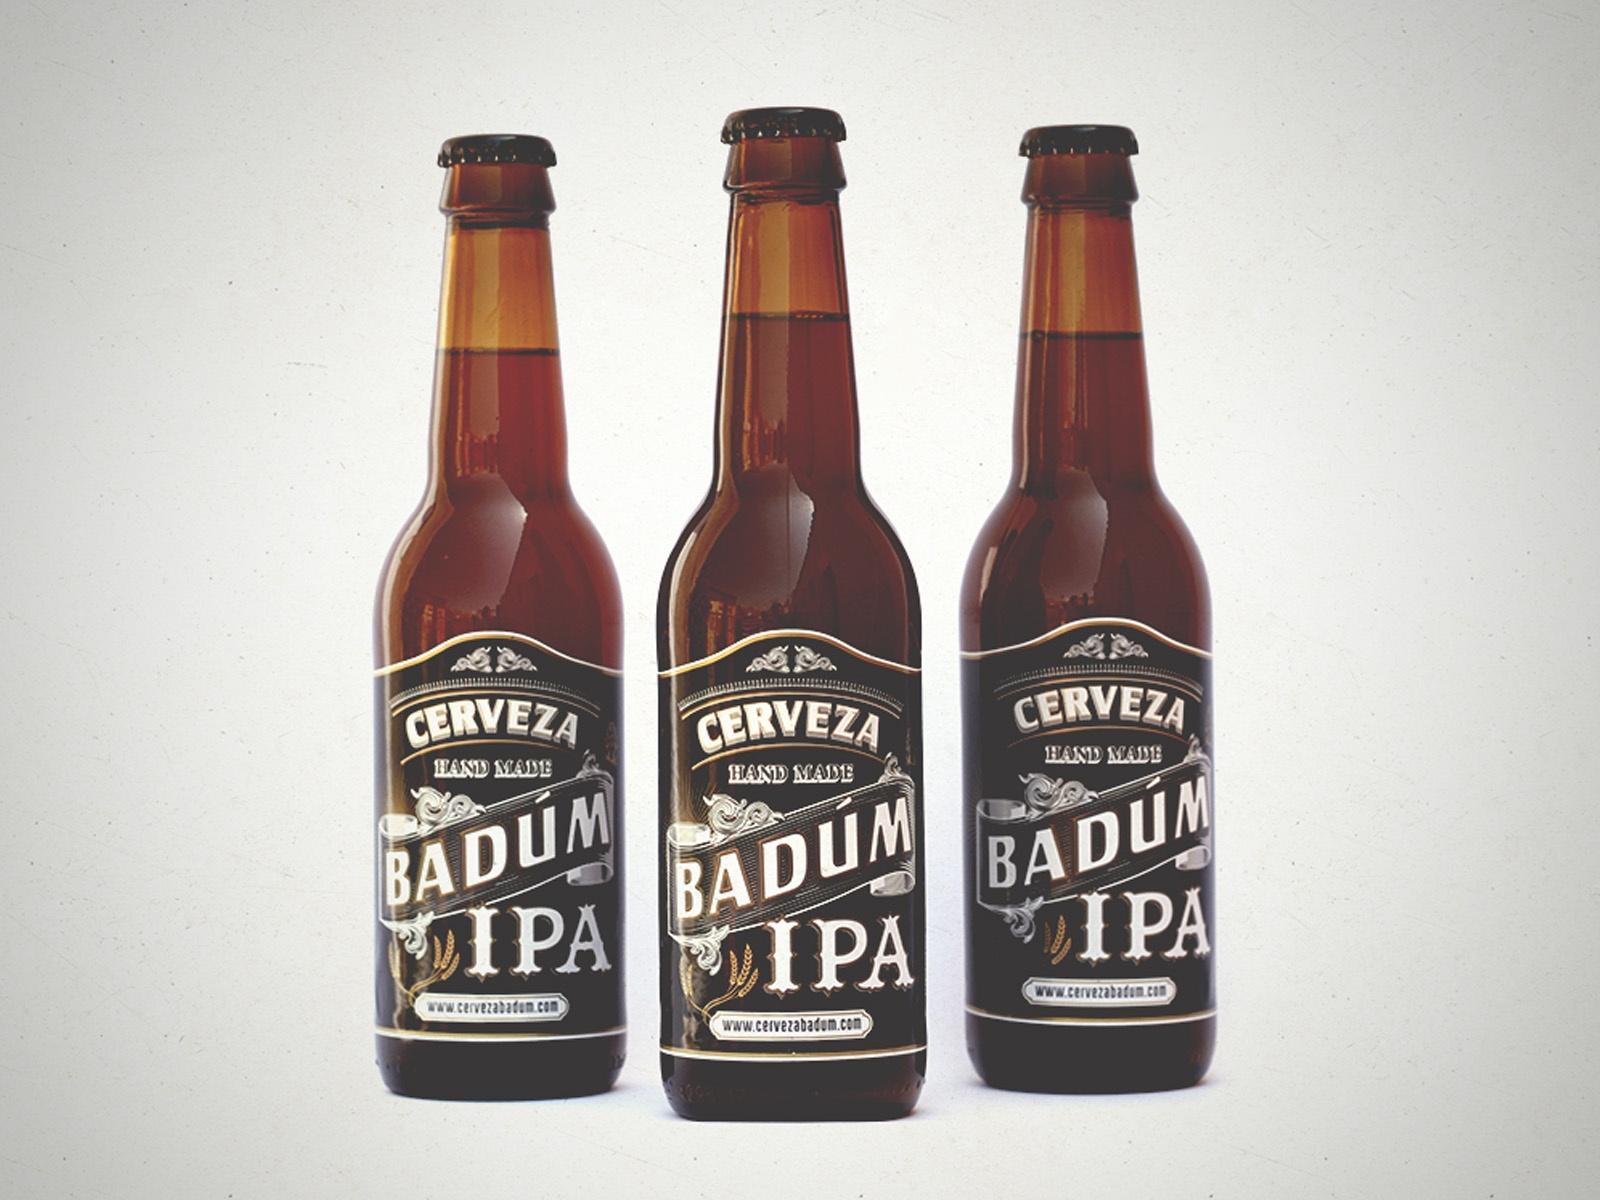 tres cervezas Badum IPA